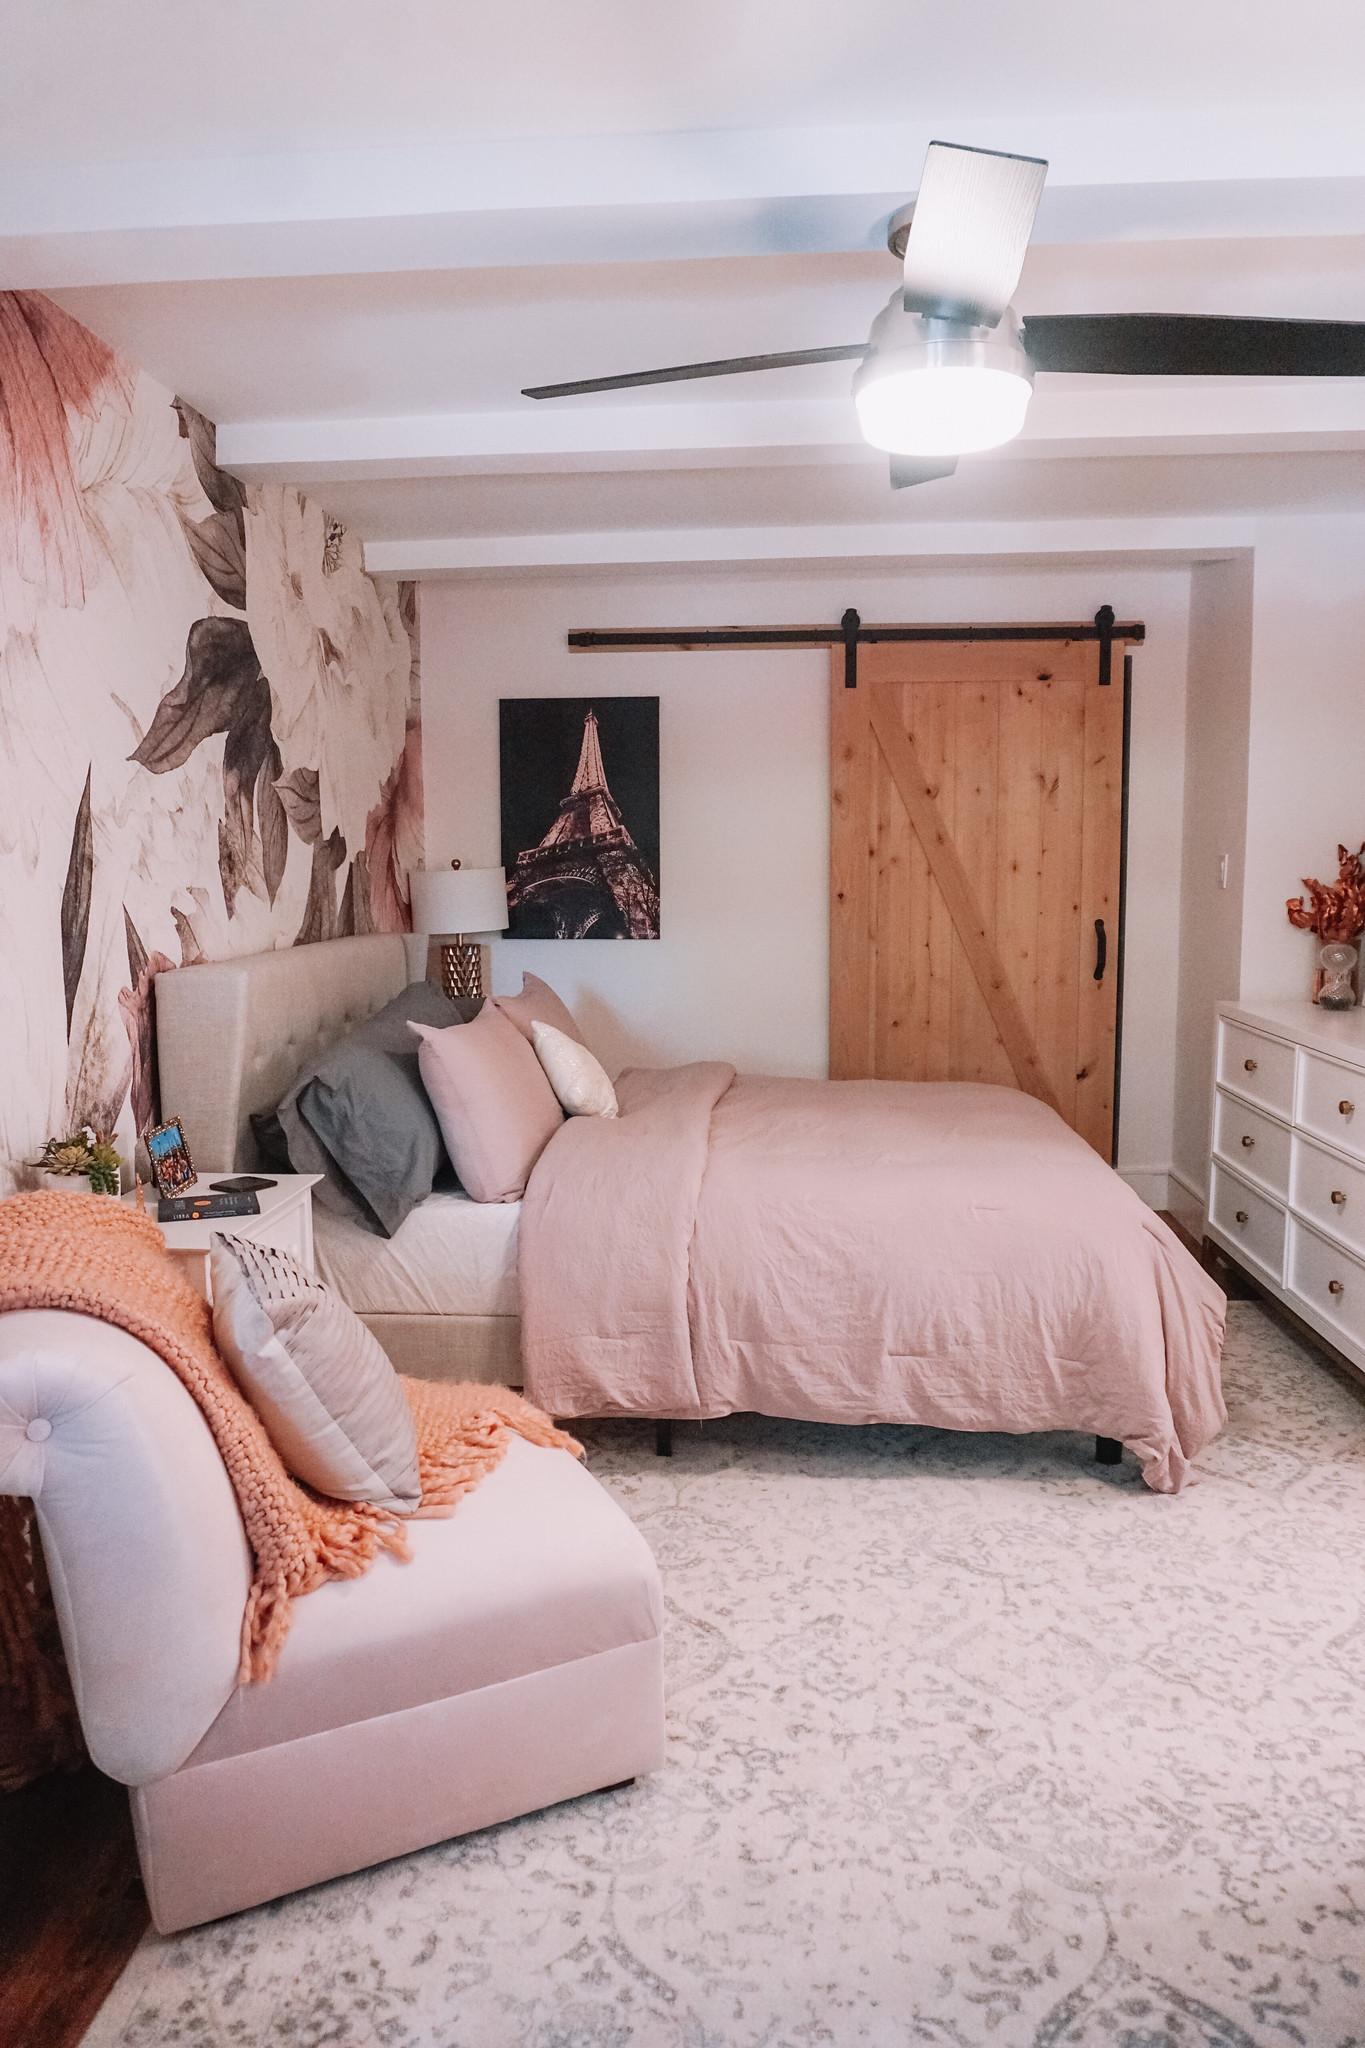 RugsUSA Ivory Floral Ornament Area Rug | Neutral Bedroom Rug